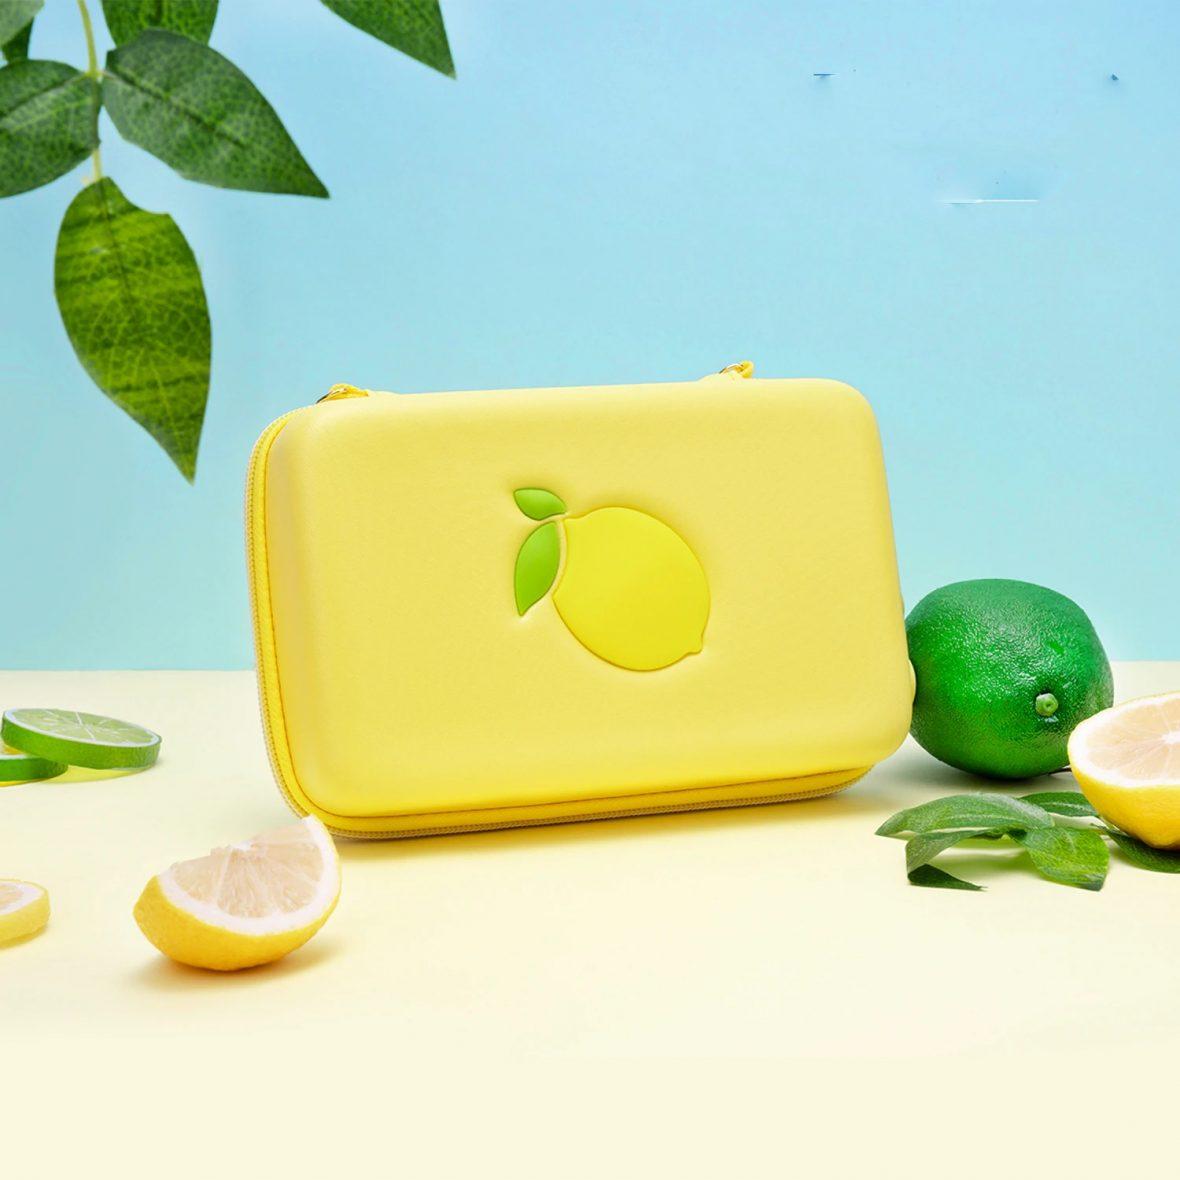 Kawaii Lemon Nintendo Switch Carrying Case